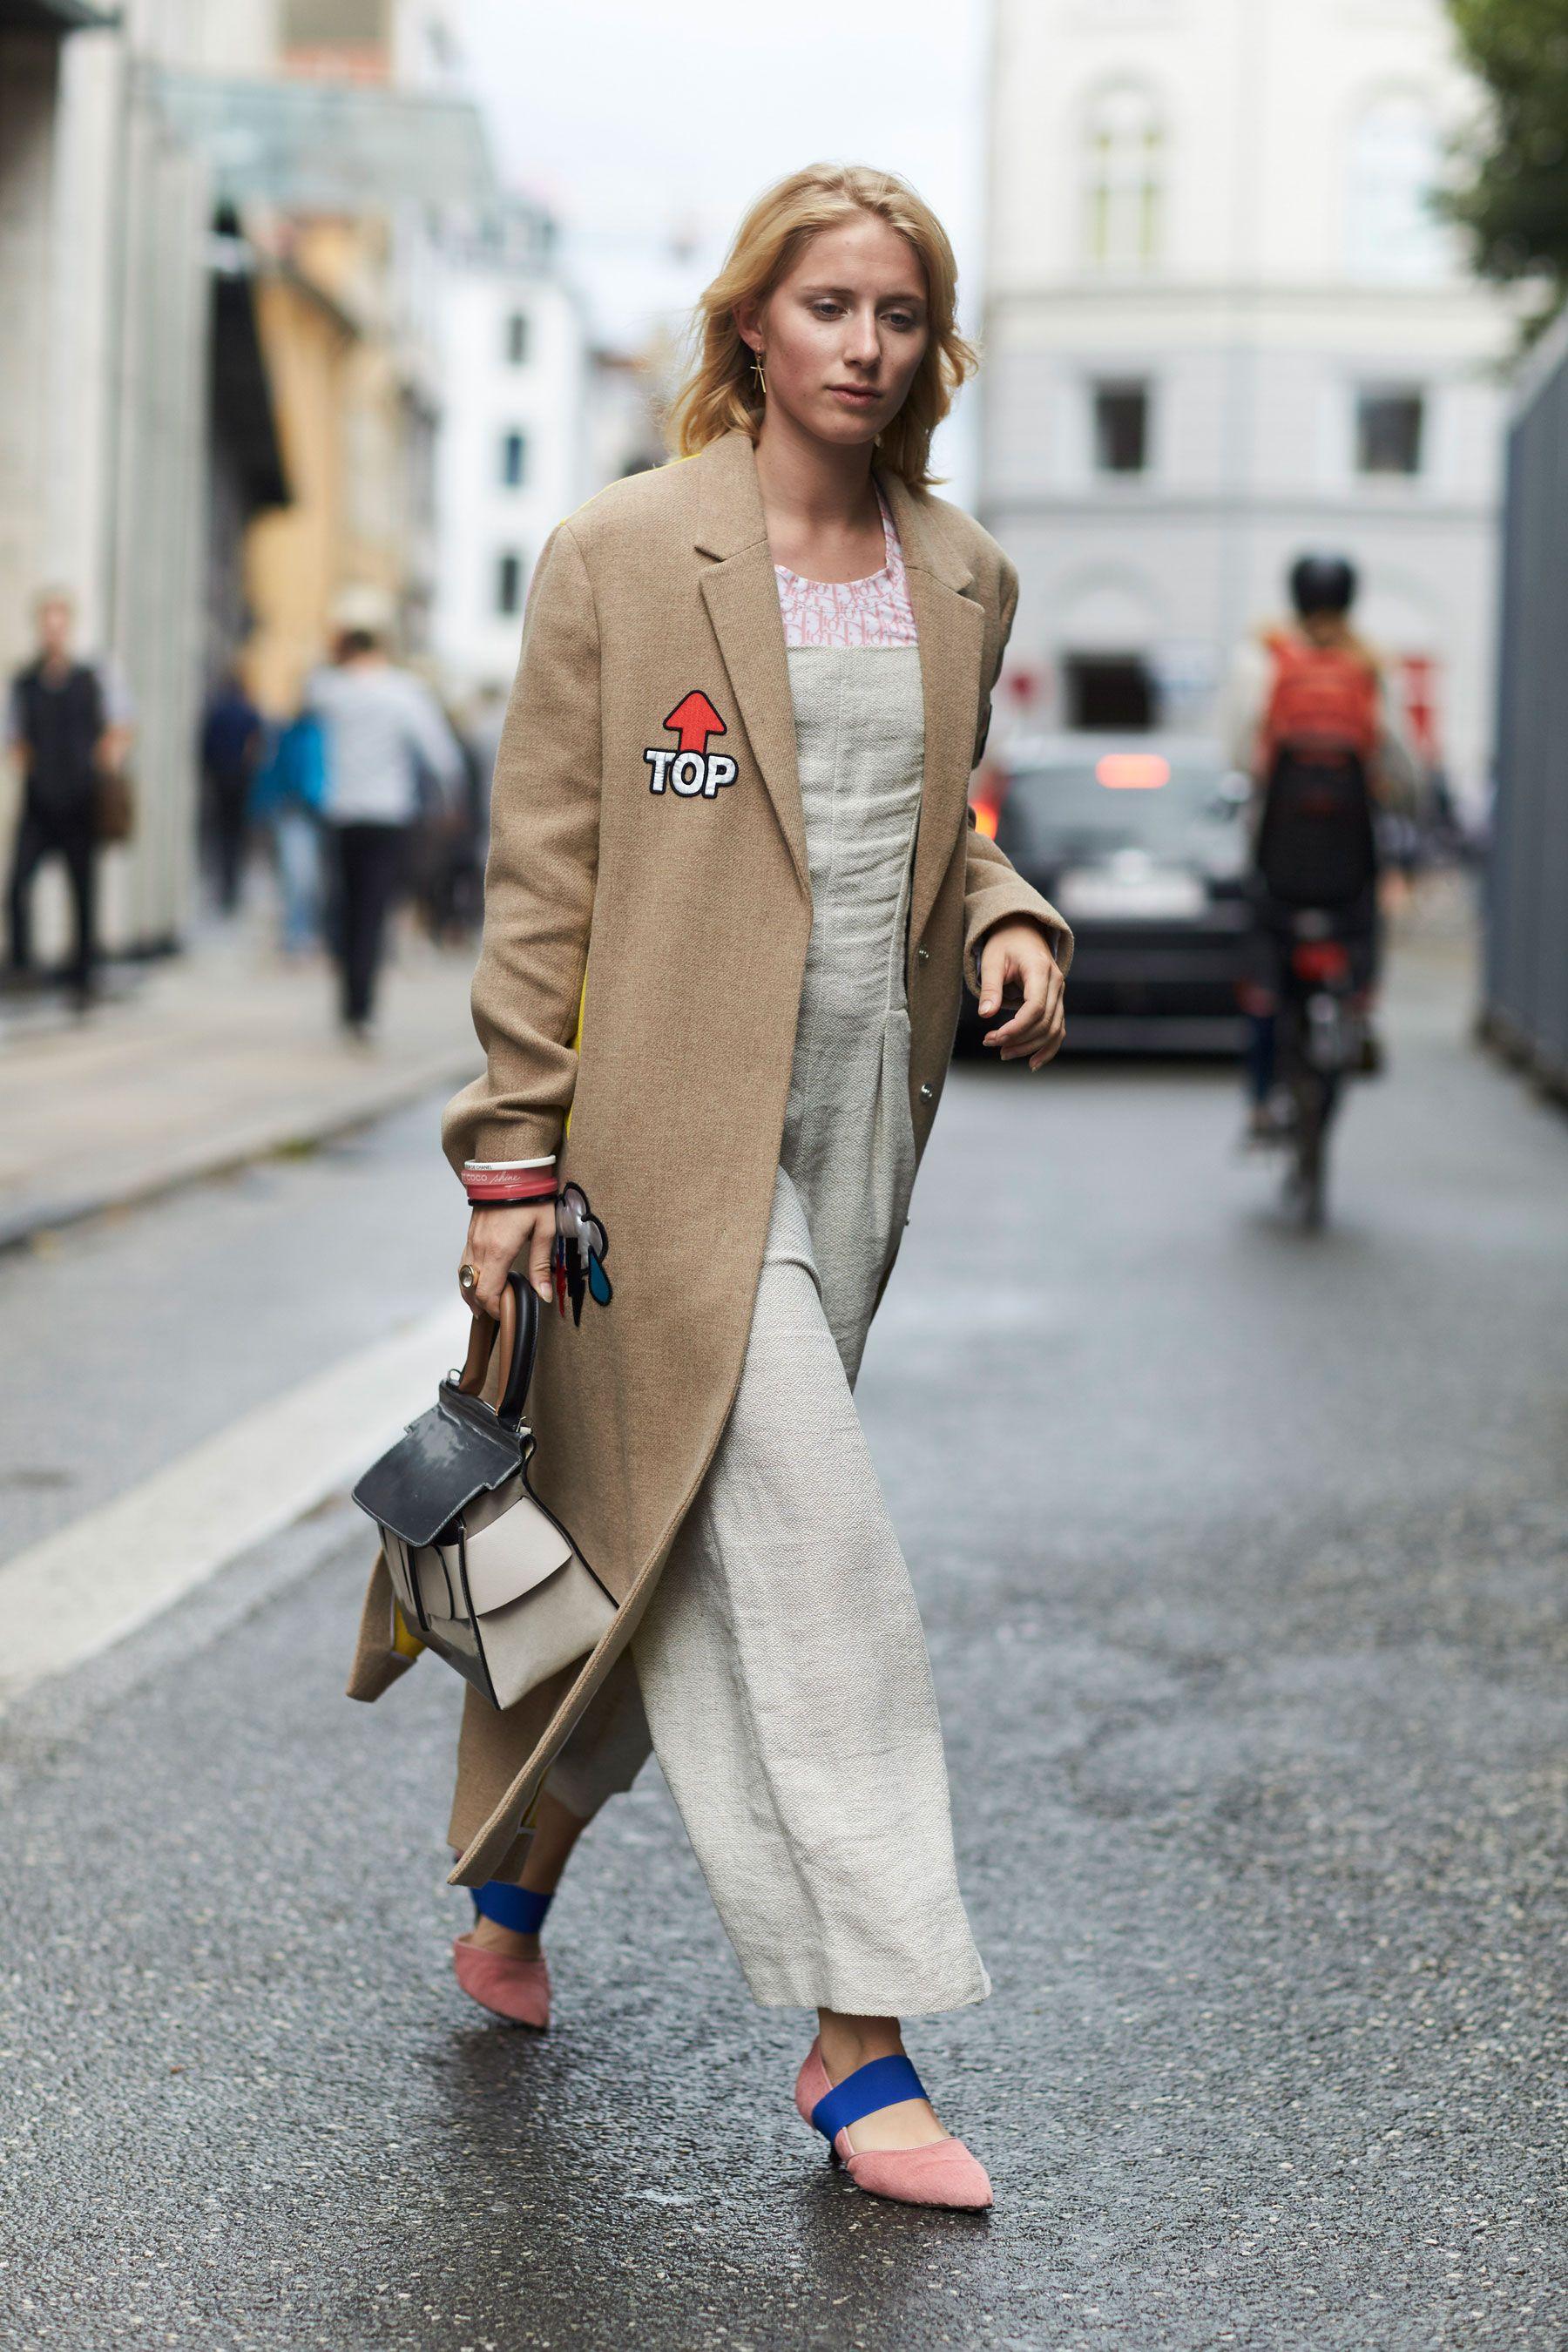 phong cách thời trang Lagom cô gái mặc áo trench coat màu be